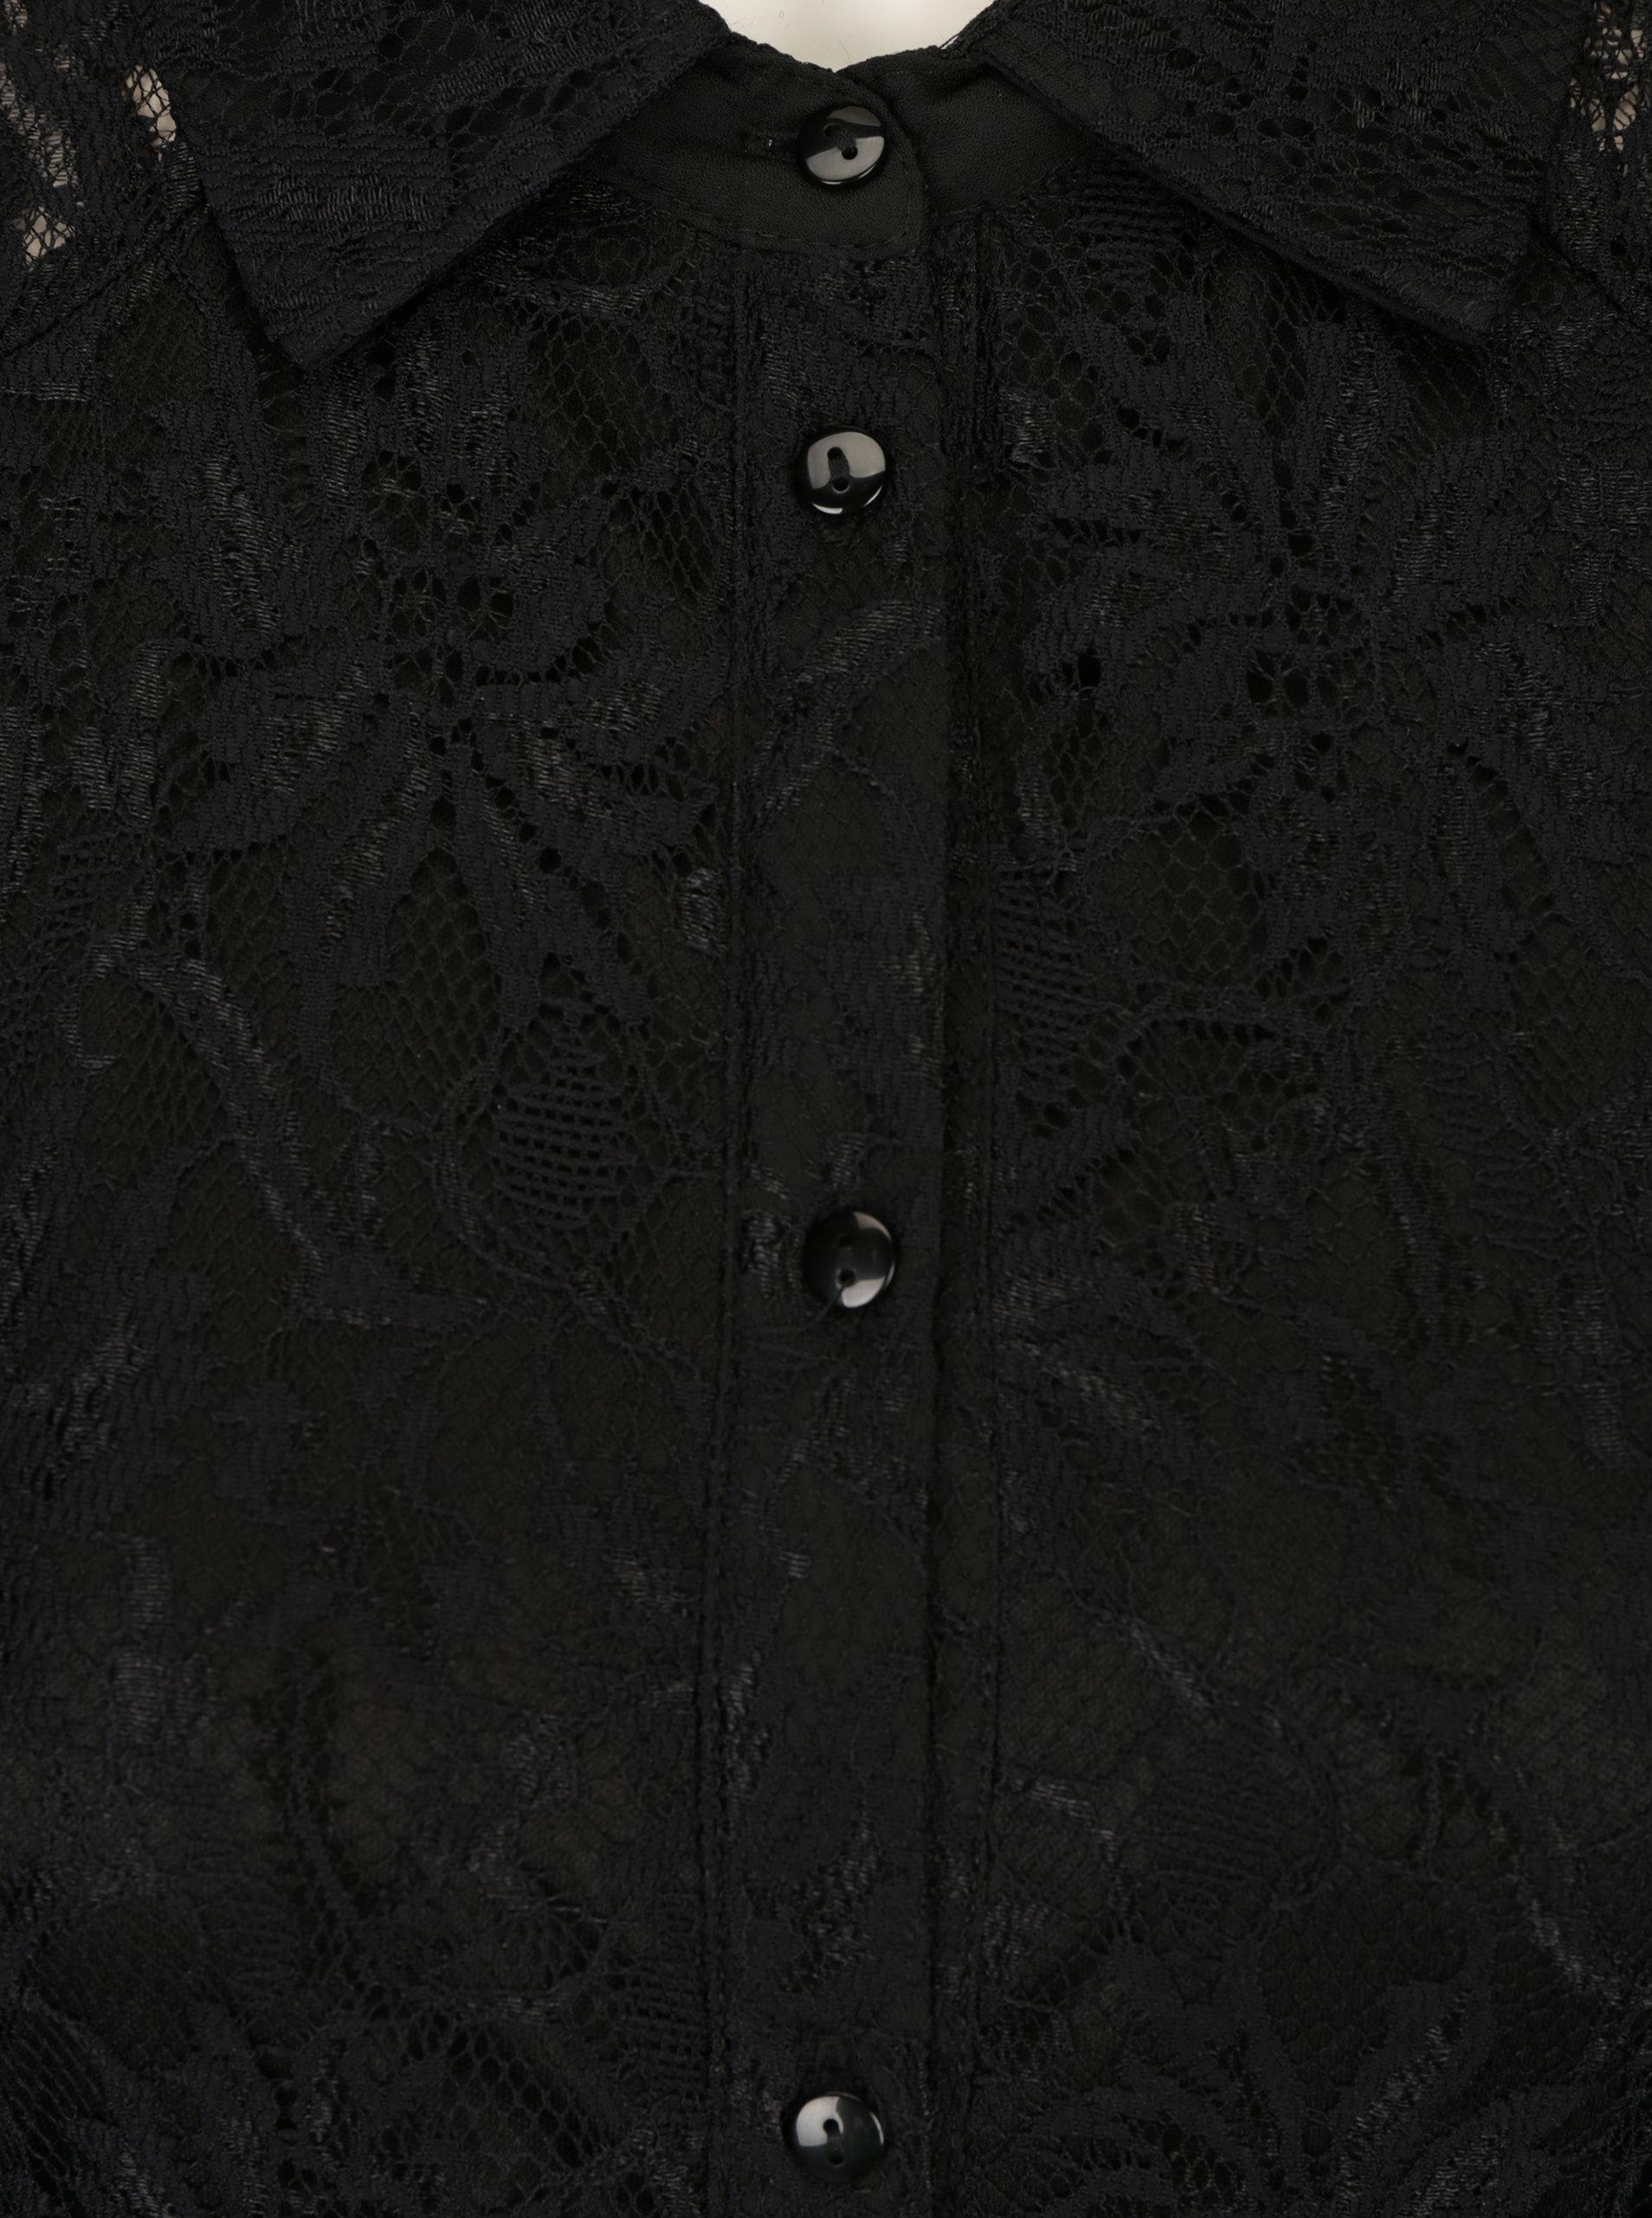 Čierne čipkované košeľové šaty so zaväzovaním v páse Mela London ... 5e9c818a68d